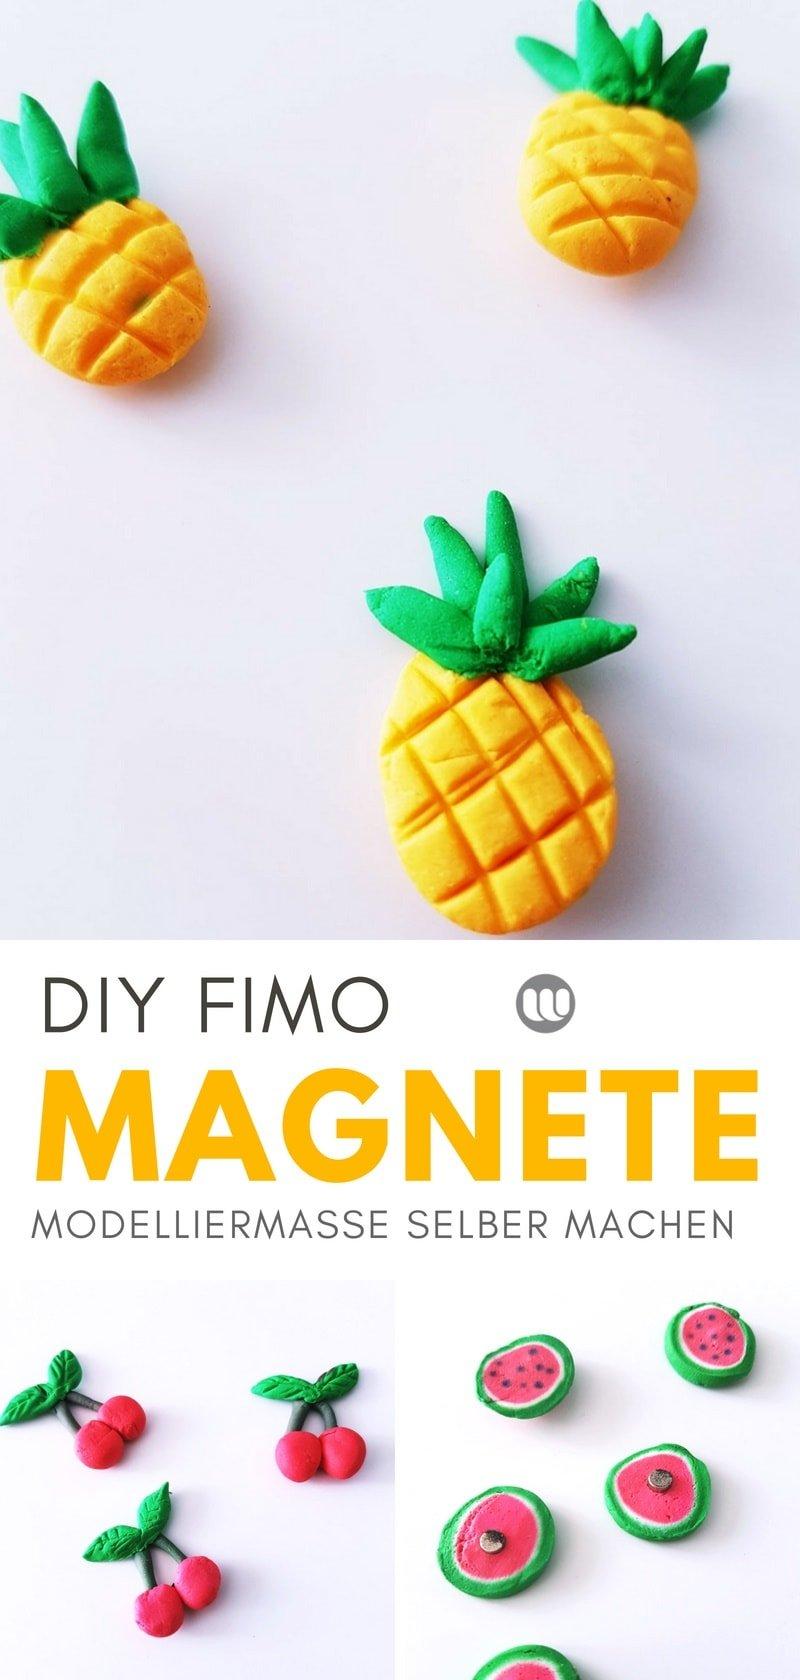 Bastelanleitung: Fruchtige Magnete basteln mit Kaltporzellan oder Fimo